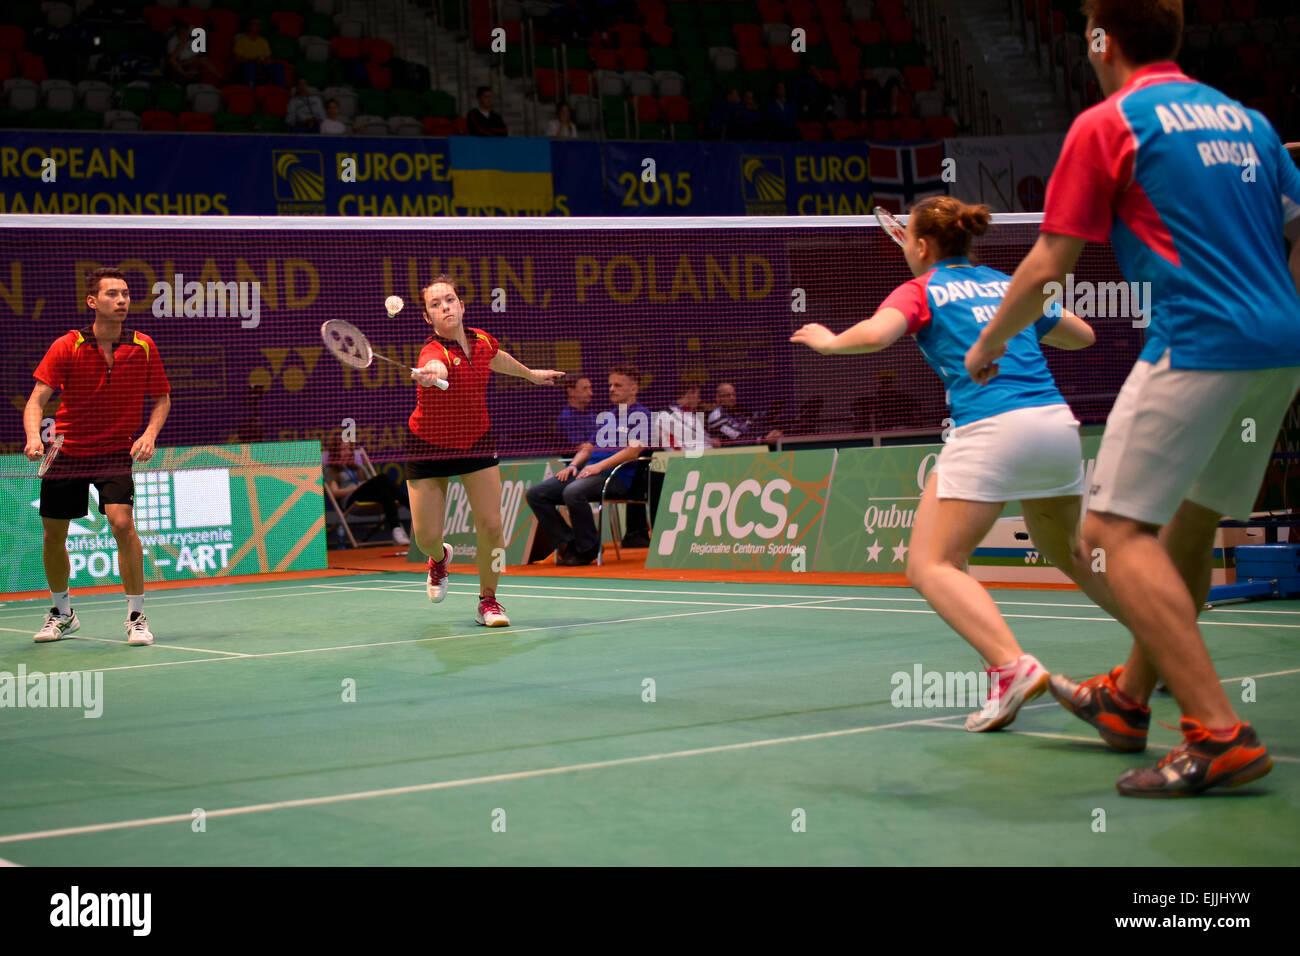 Lubin, Polonia. 27 Mar, 2015. Team nel torneo di badminton durante Campionati Europei Junores 2015. Match tra Belgio Immagini Stock